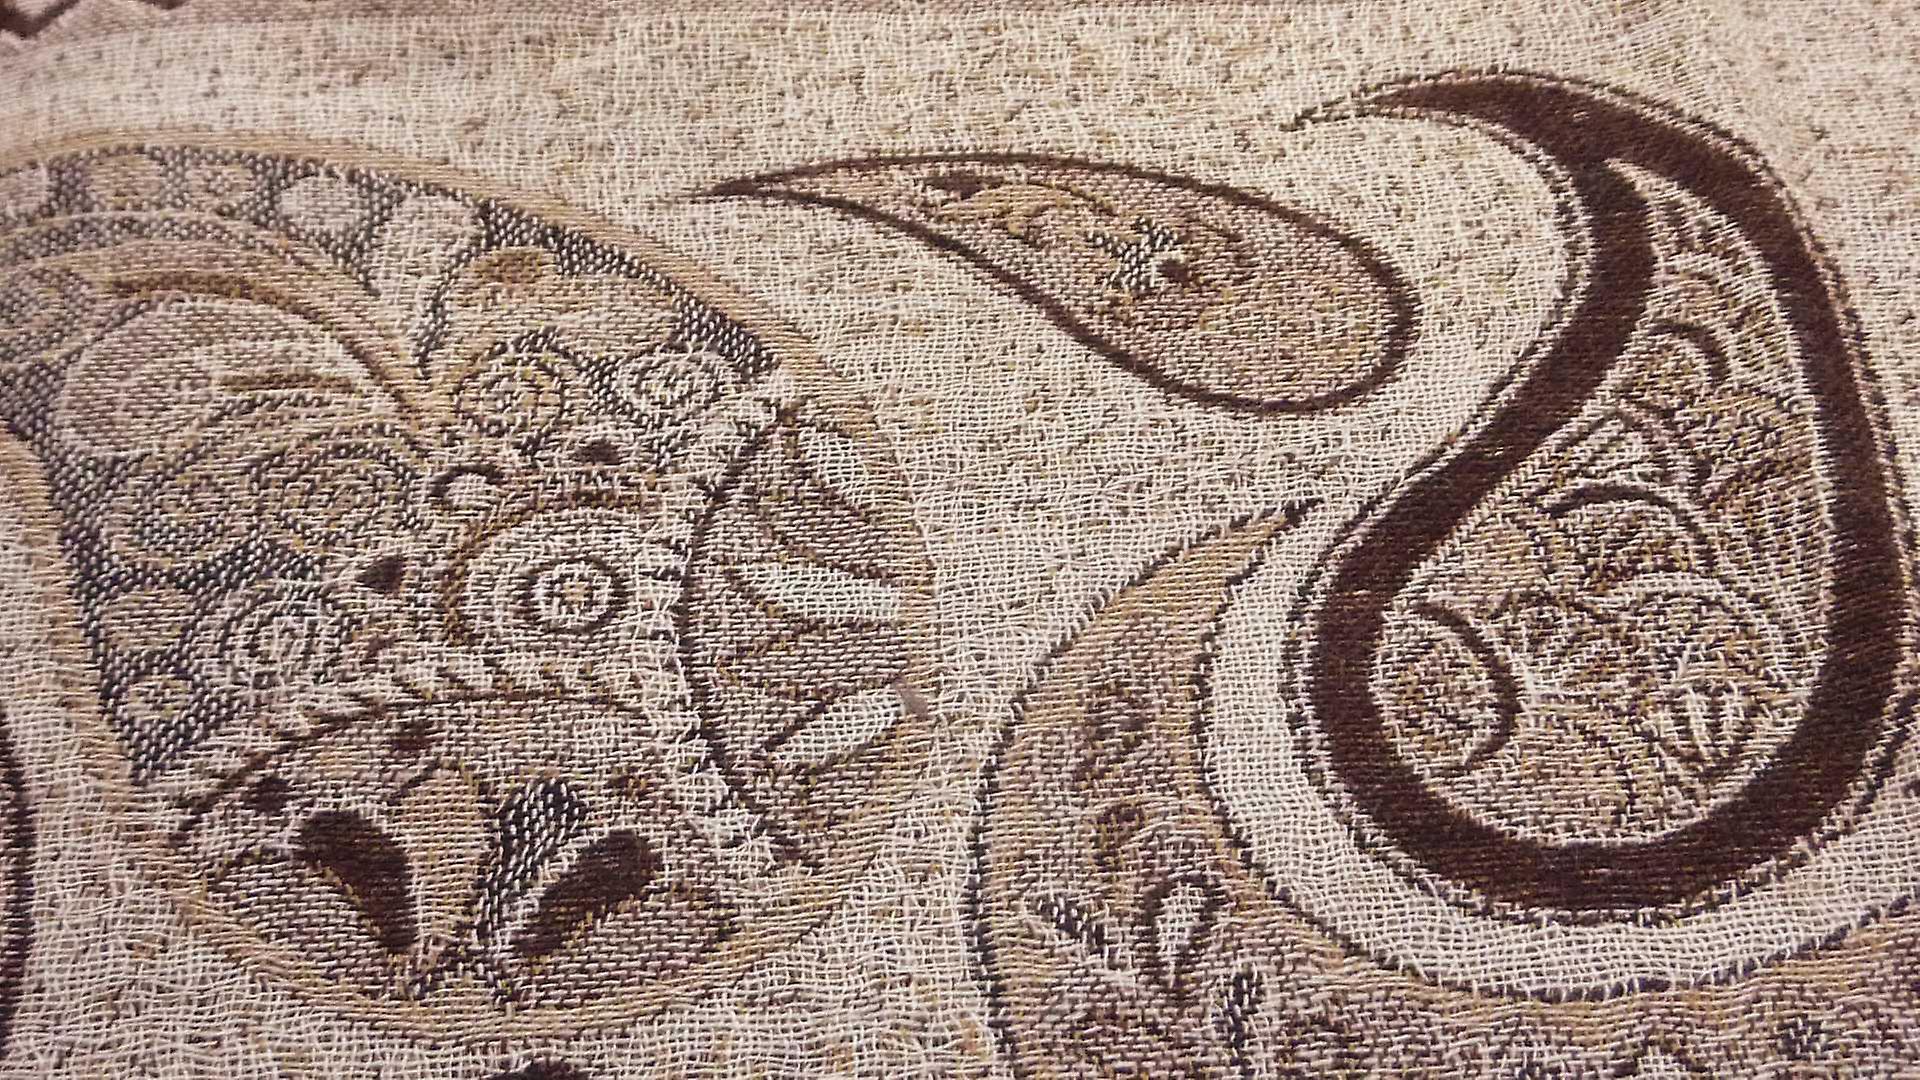 Muffler Scarf 9403 in Fine Pashmina Wool Heritage Range by Pashmina & Silk